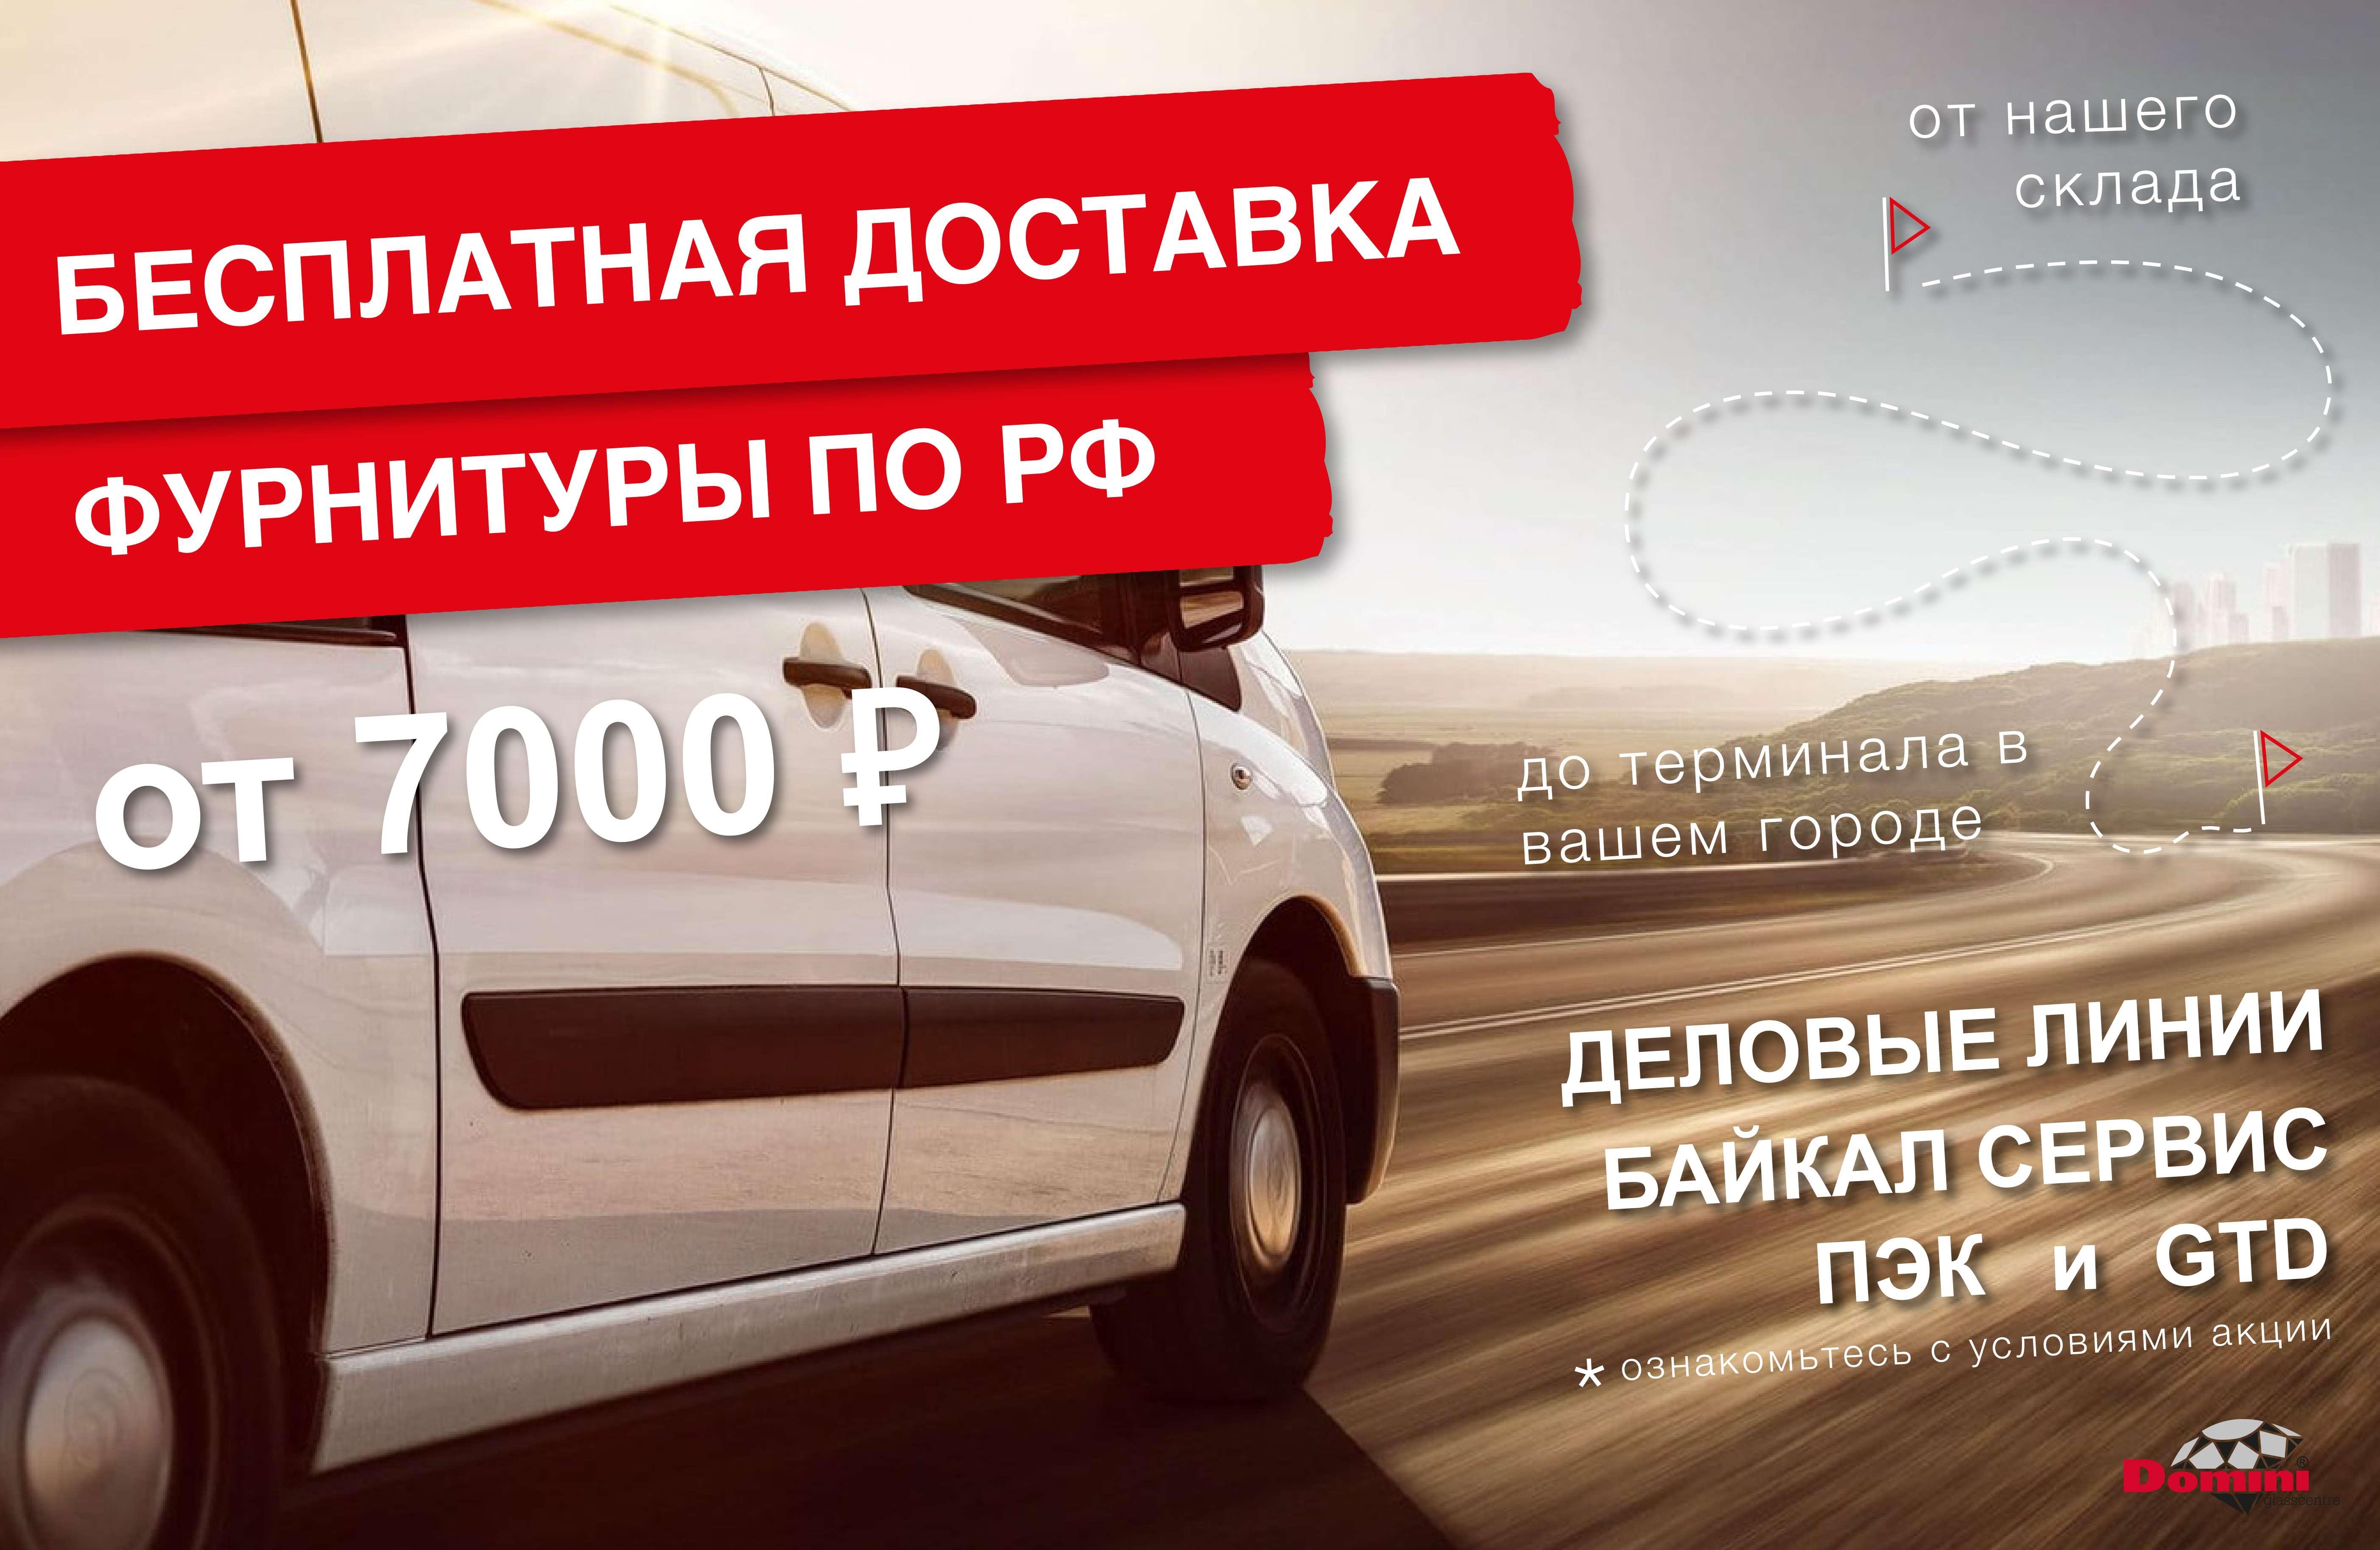 akcija-dostavka-2021-1